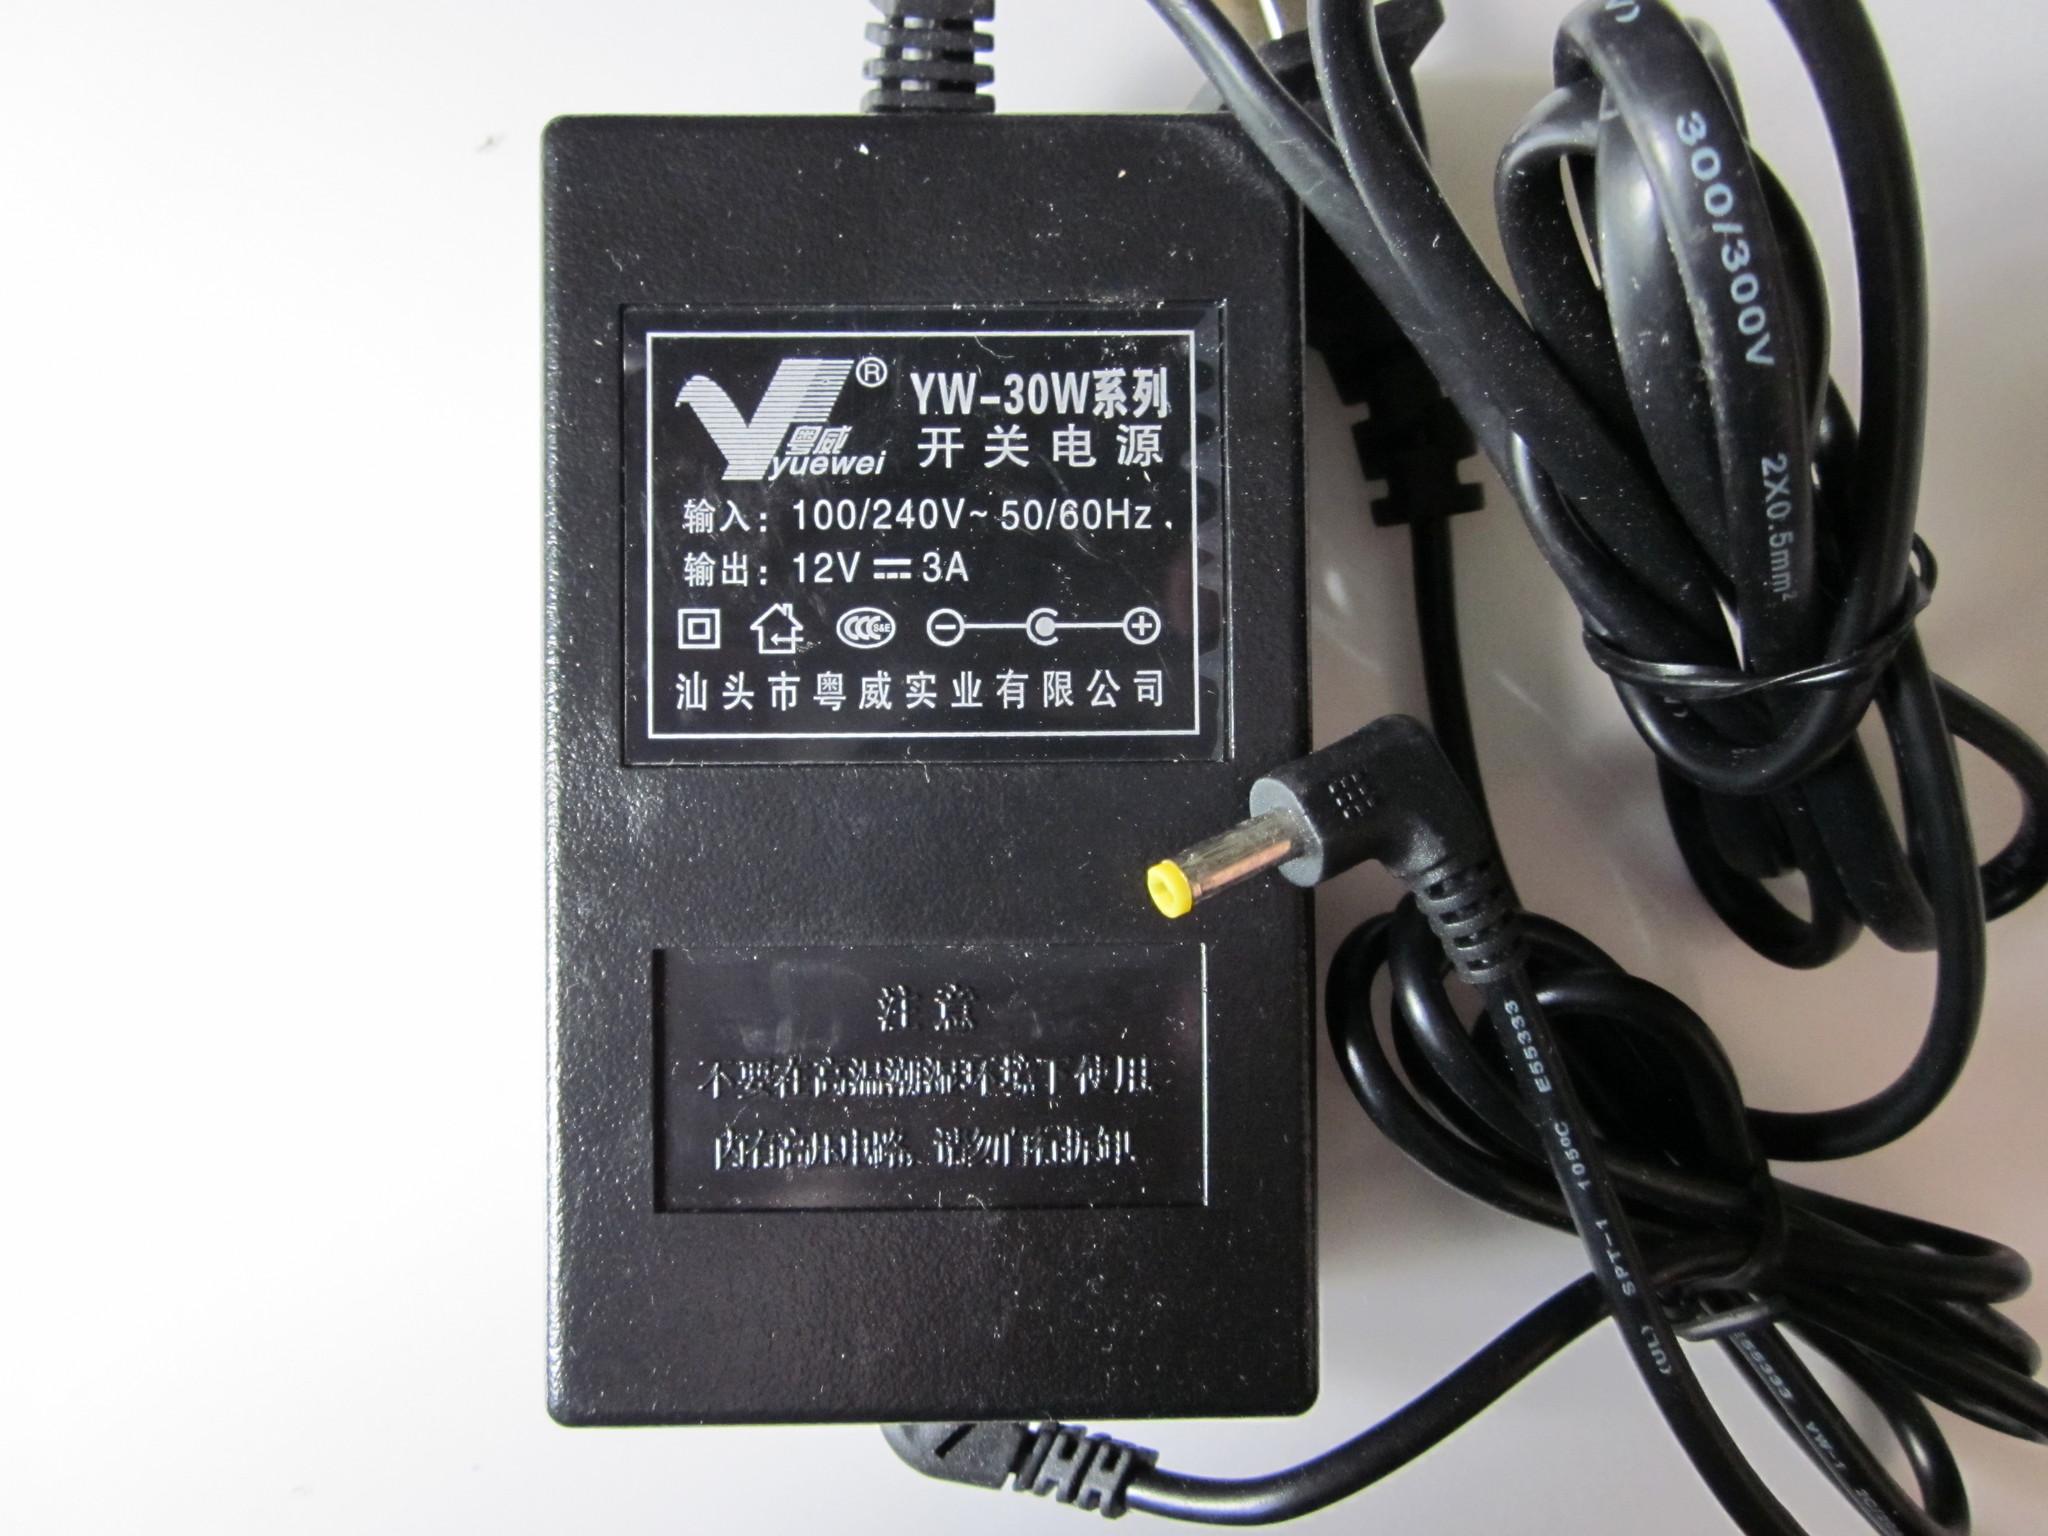 YW-30W +12V, 3A